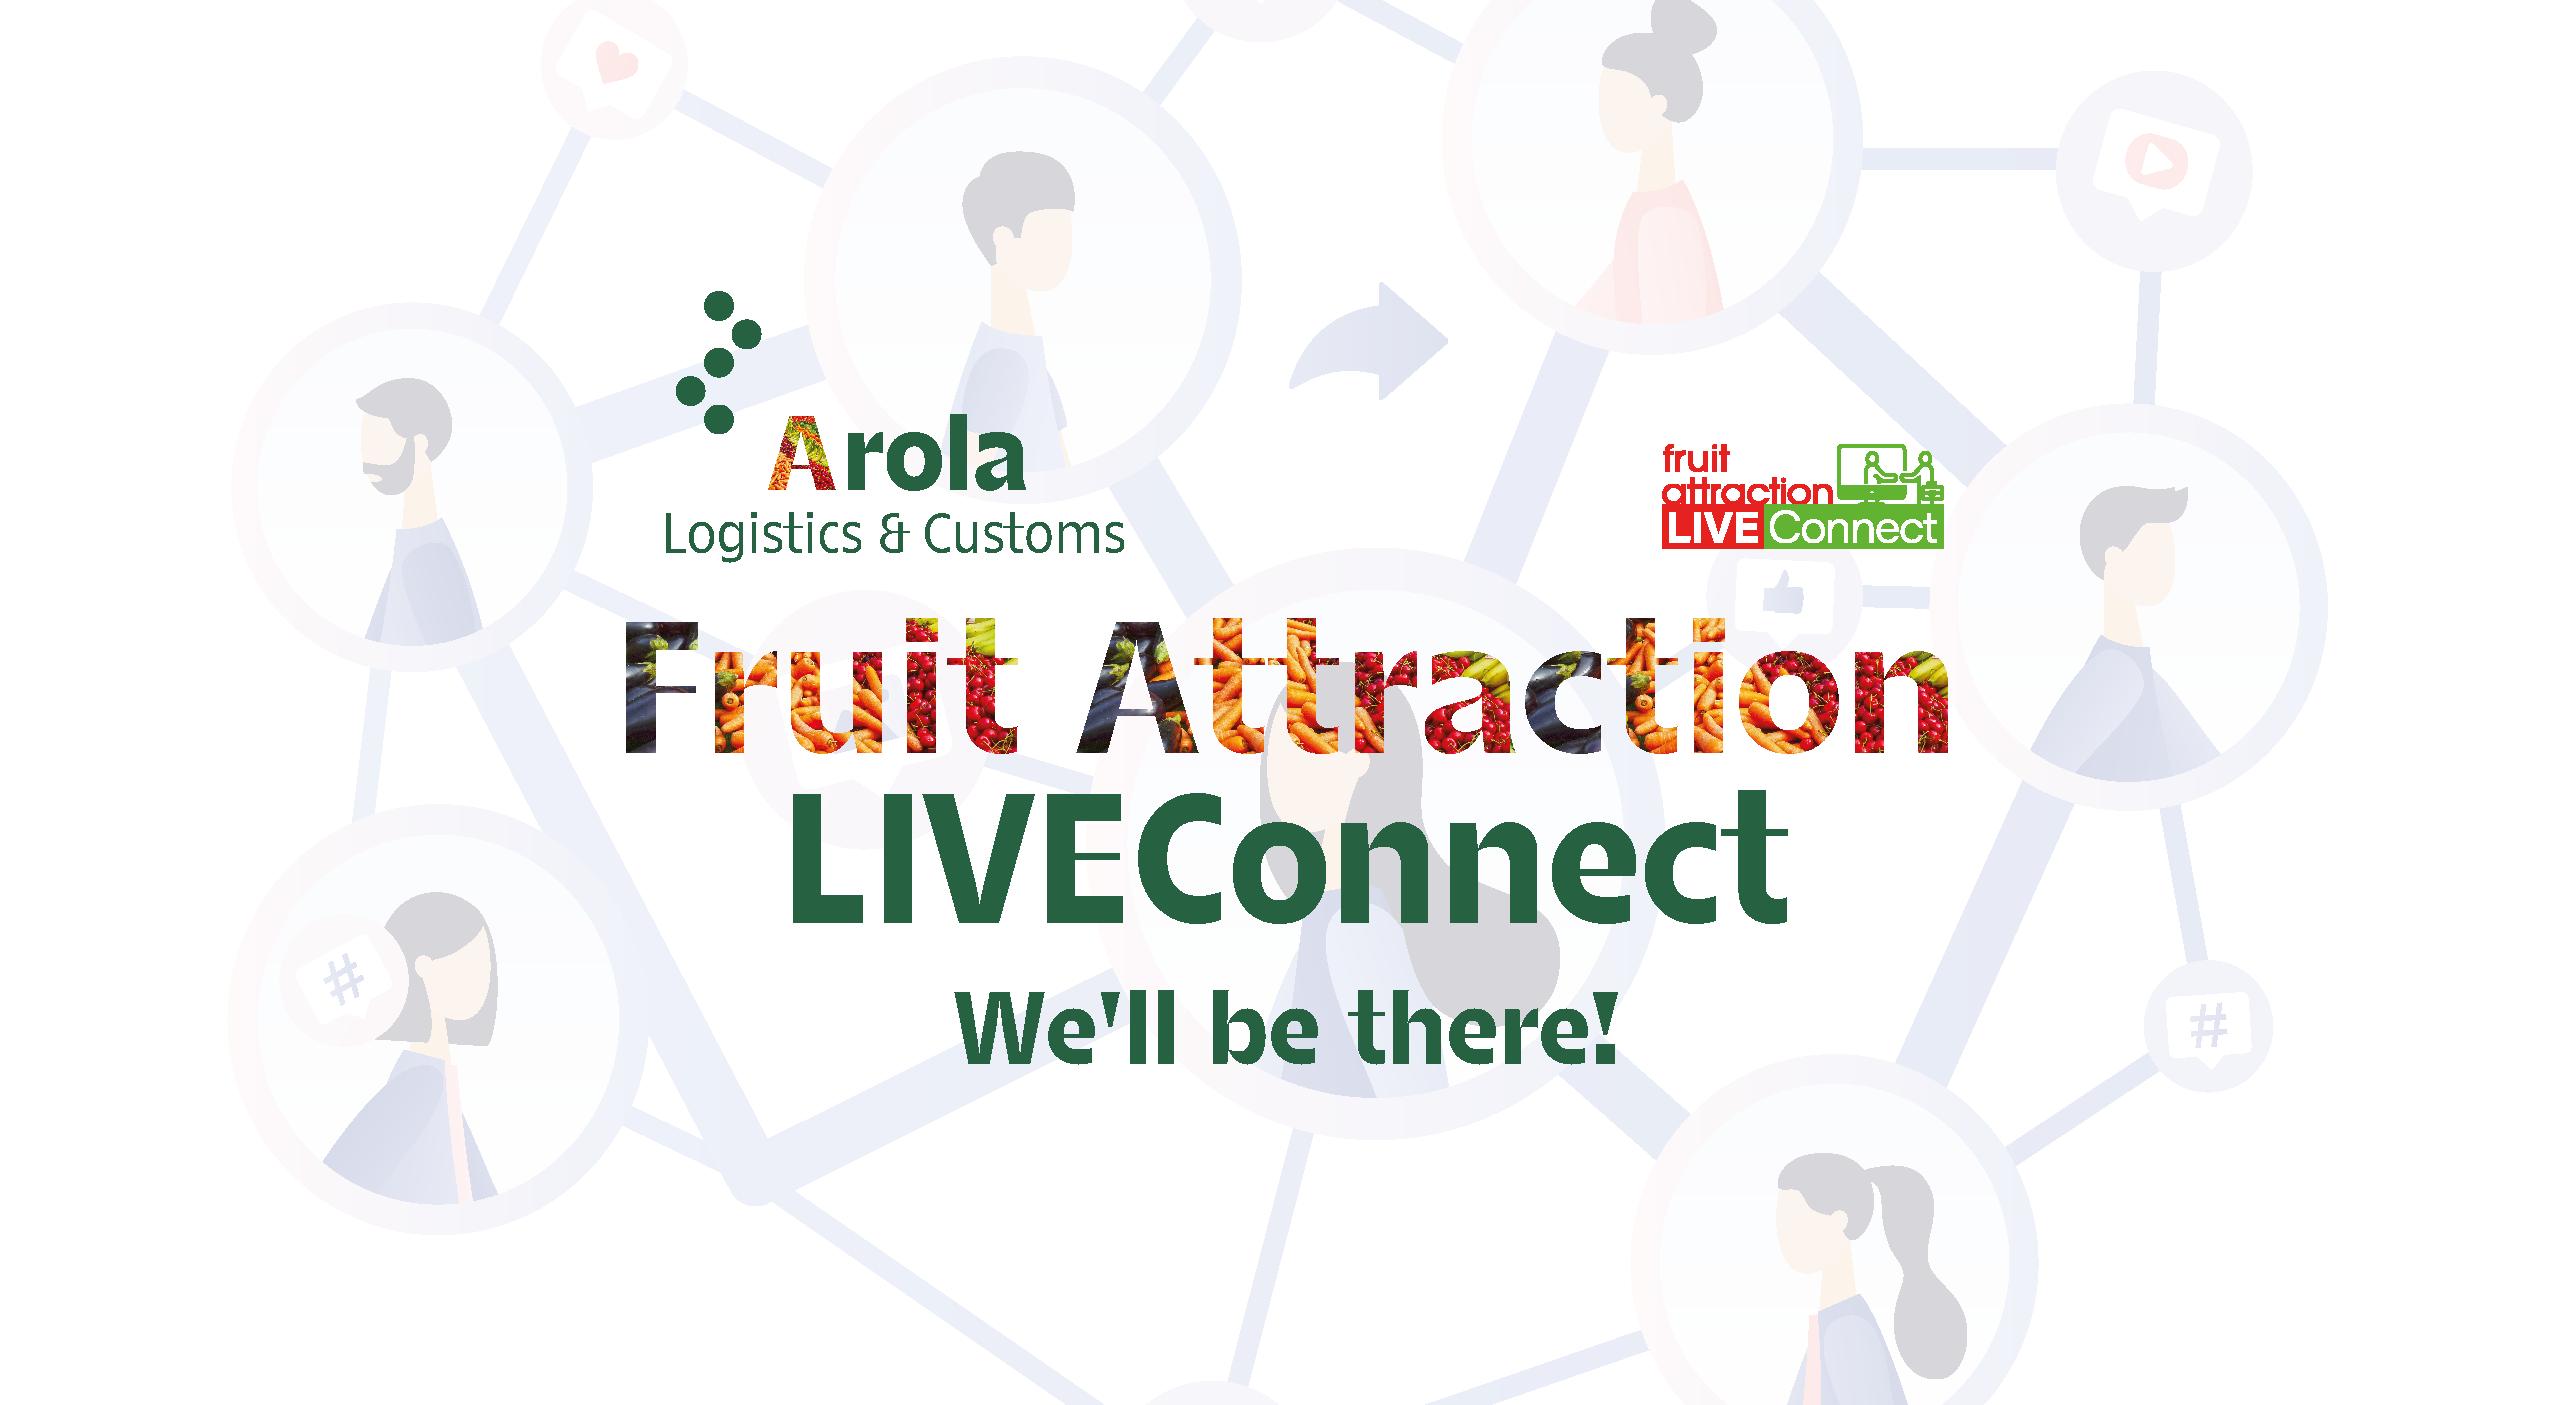 FRUIT ATTRACTION LIVEConnect fair